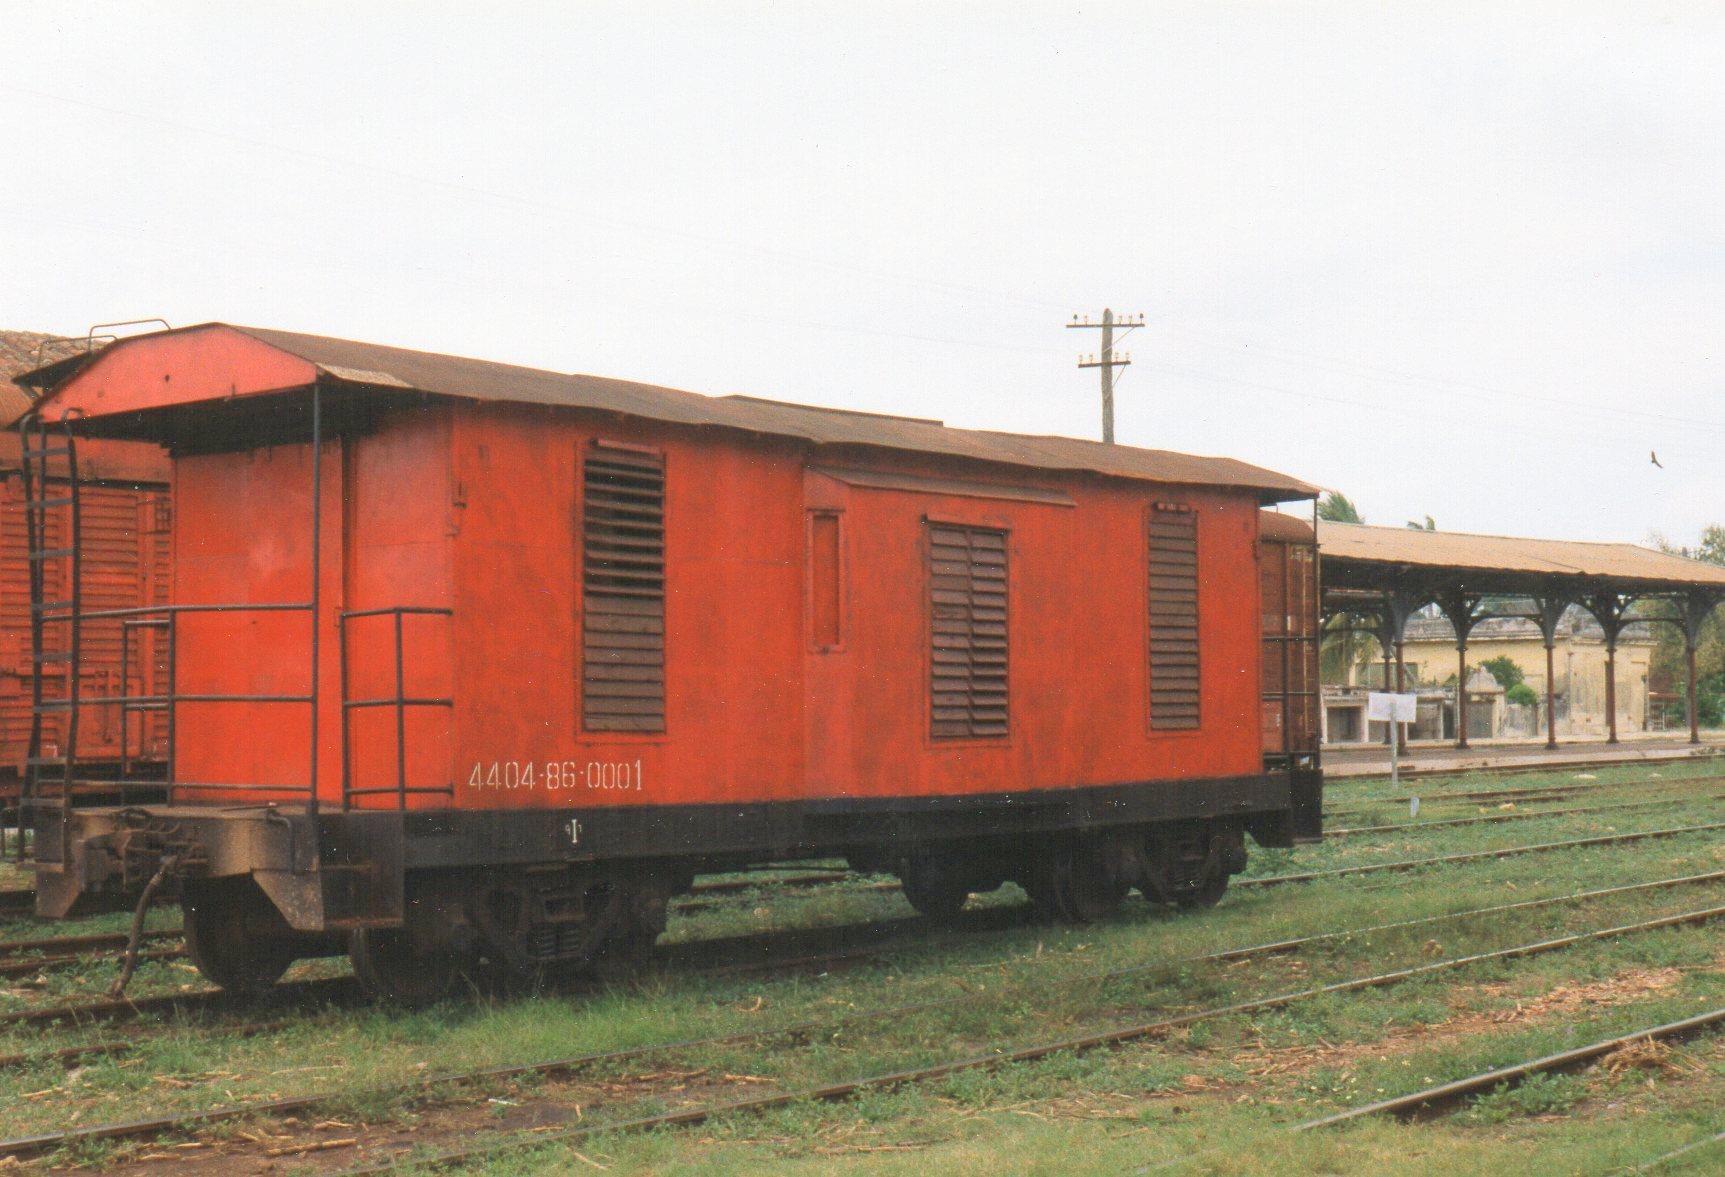 Pakvogn eller godsvogn, måske en togførervogn tilhørende FCC eller måske MINAZ. Selv om den allerede dengang tilhørte en svunden tid, er den ikke uden charme.